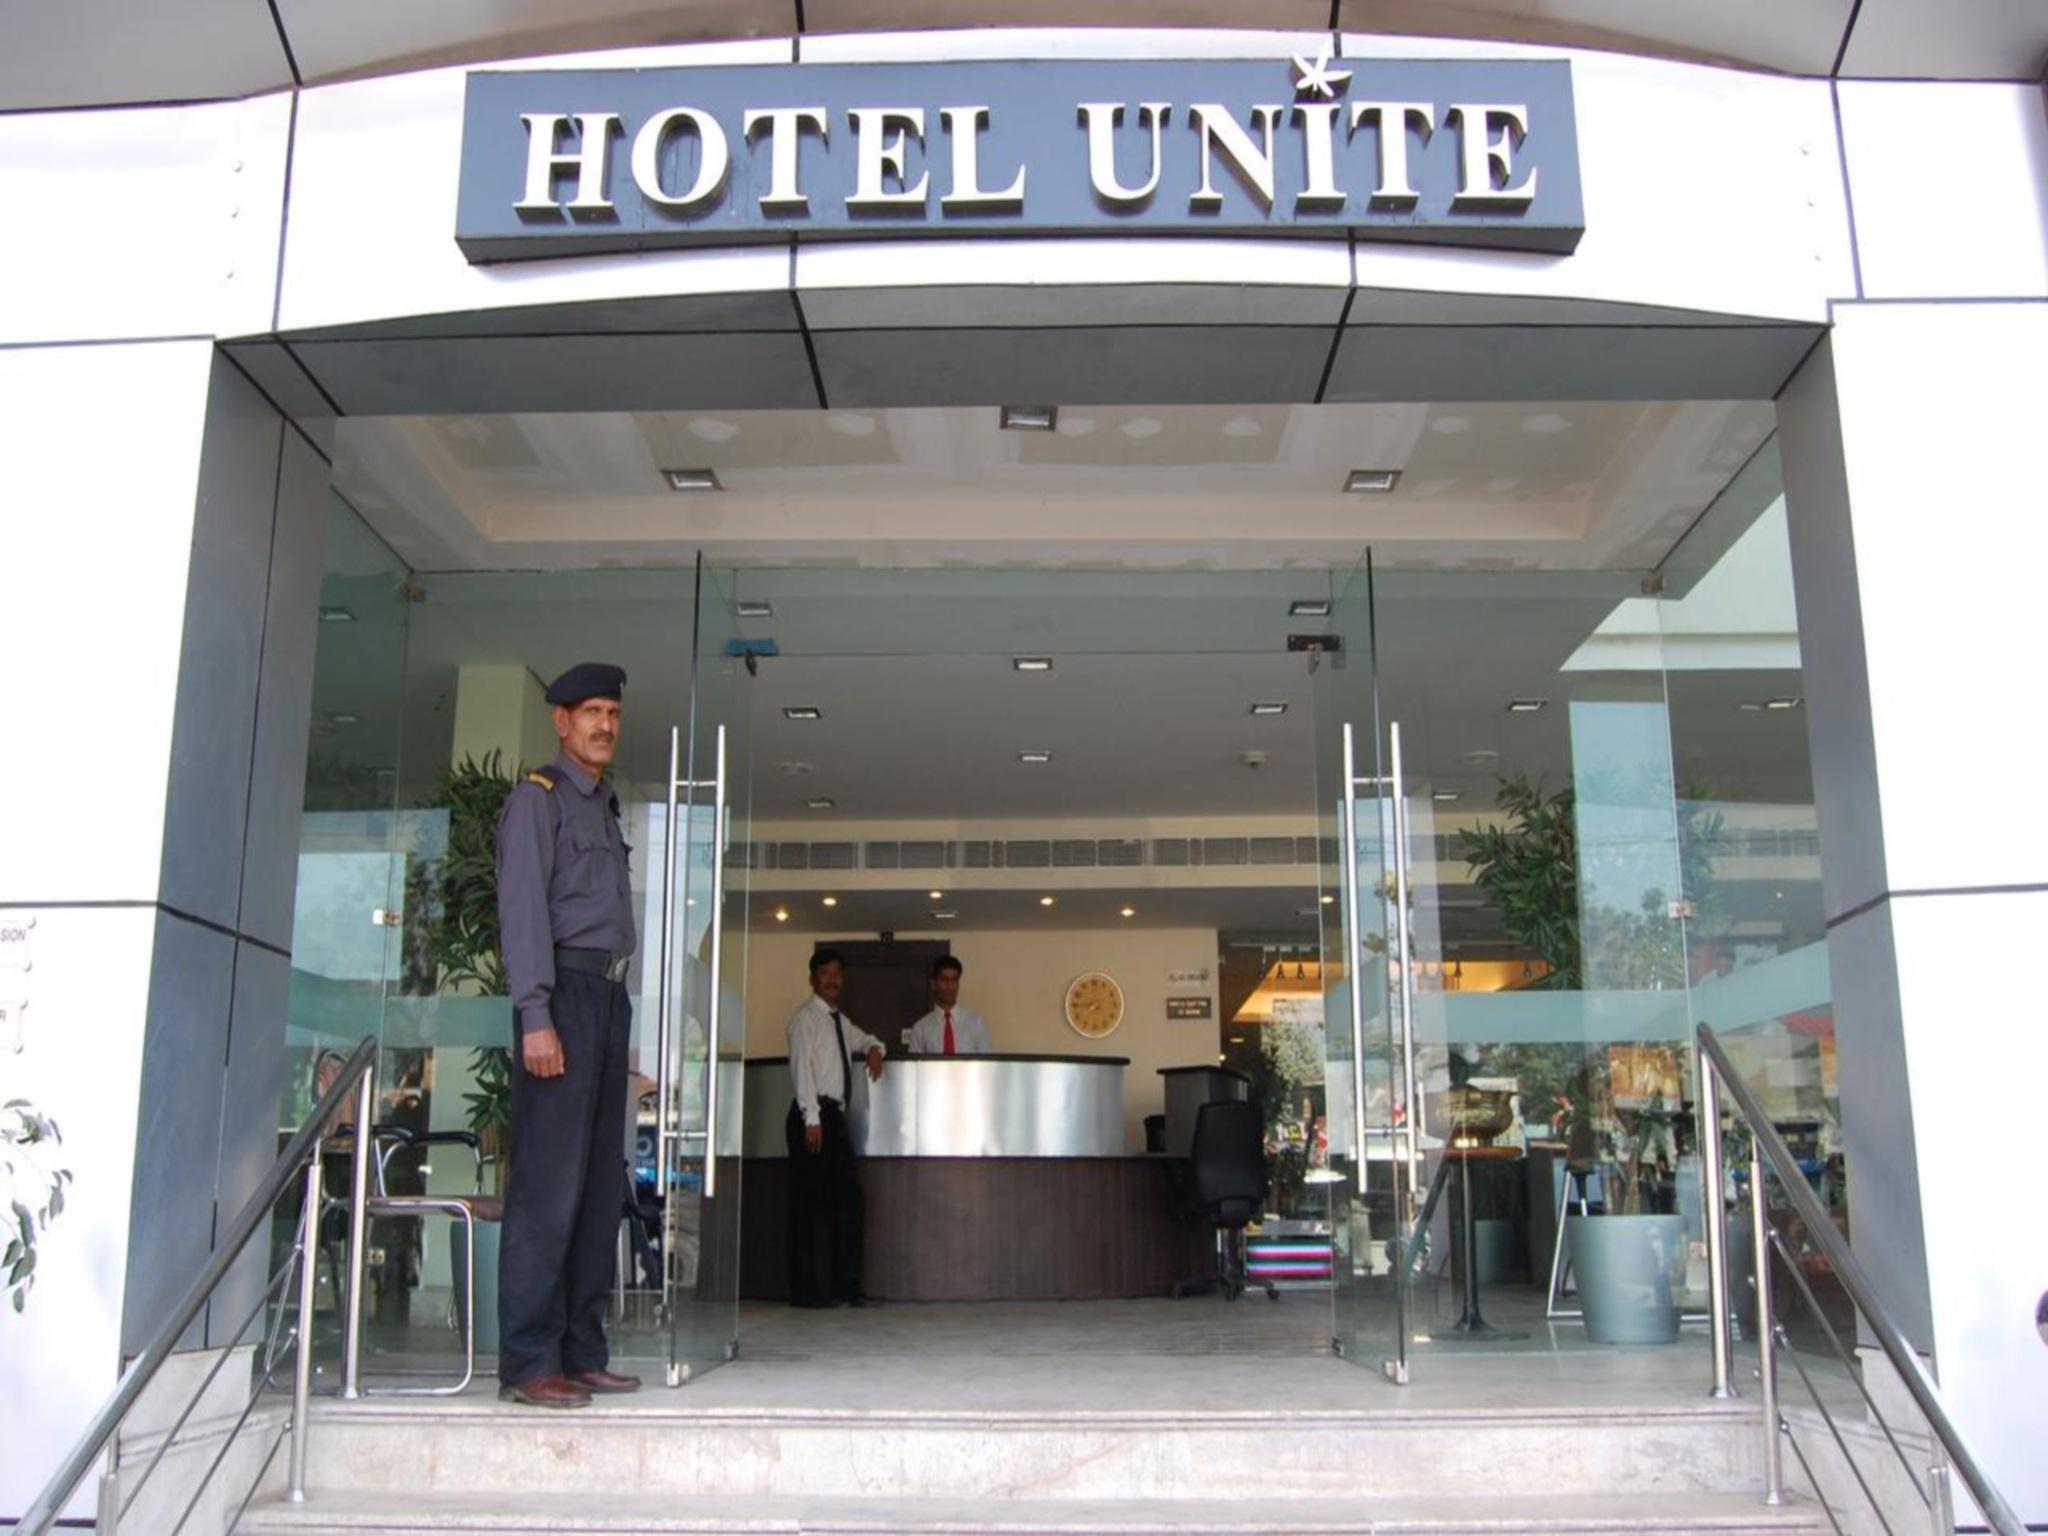 Hotel Unite, Pathankot